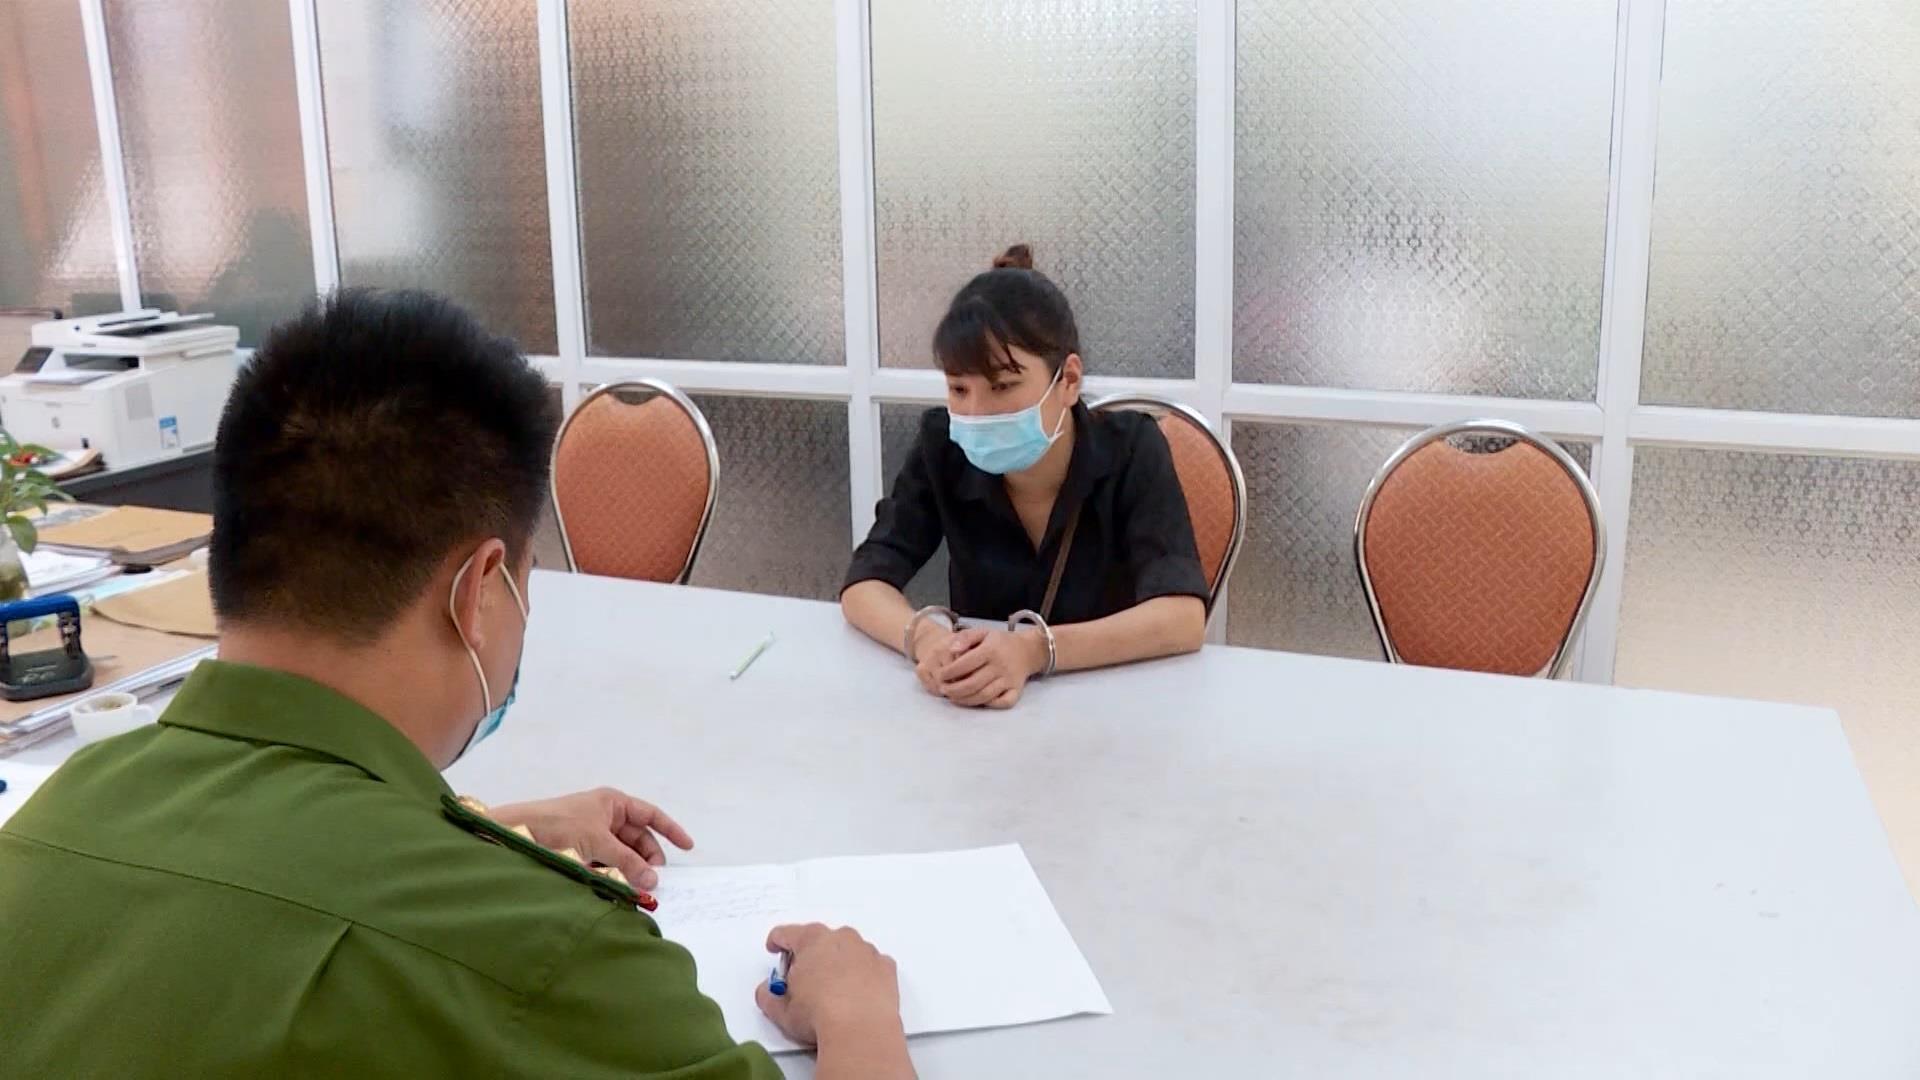 Phòng Cảnh sát hình sự Công an tỉnh Cao Bằng bắt giữ đối tượng truy nã tại khu cách ly